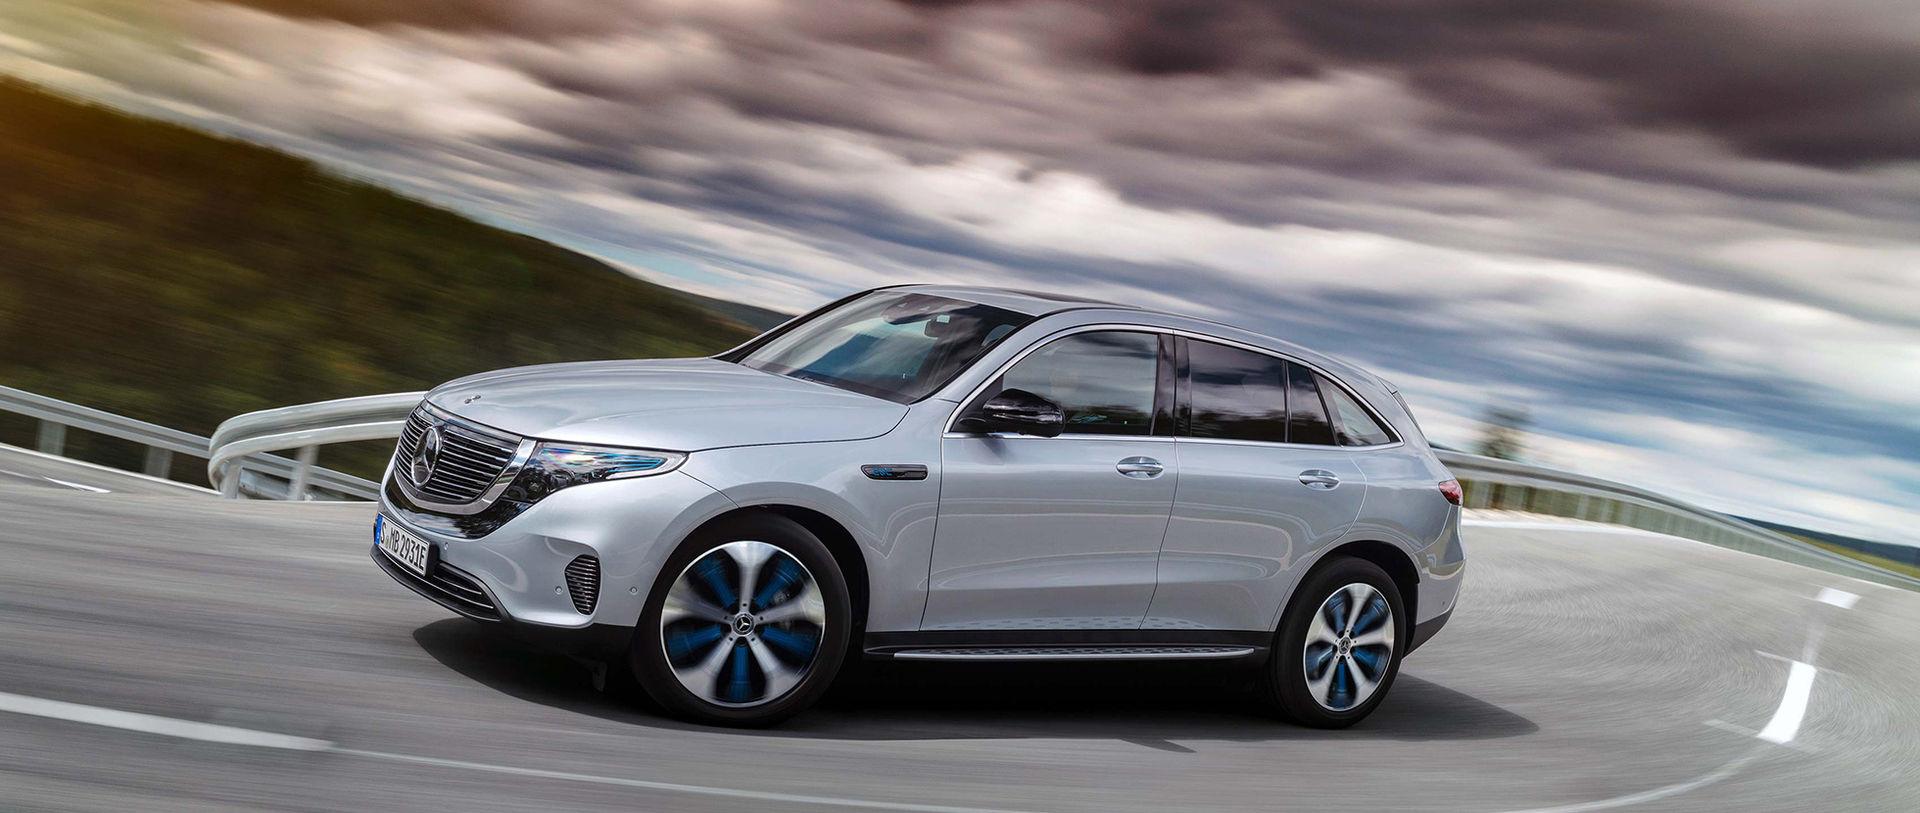 Mercedes elbil kommer i mitten av nästa år